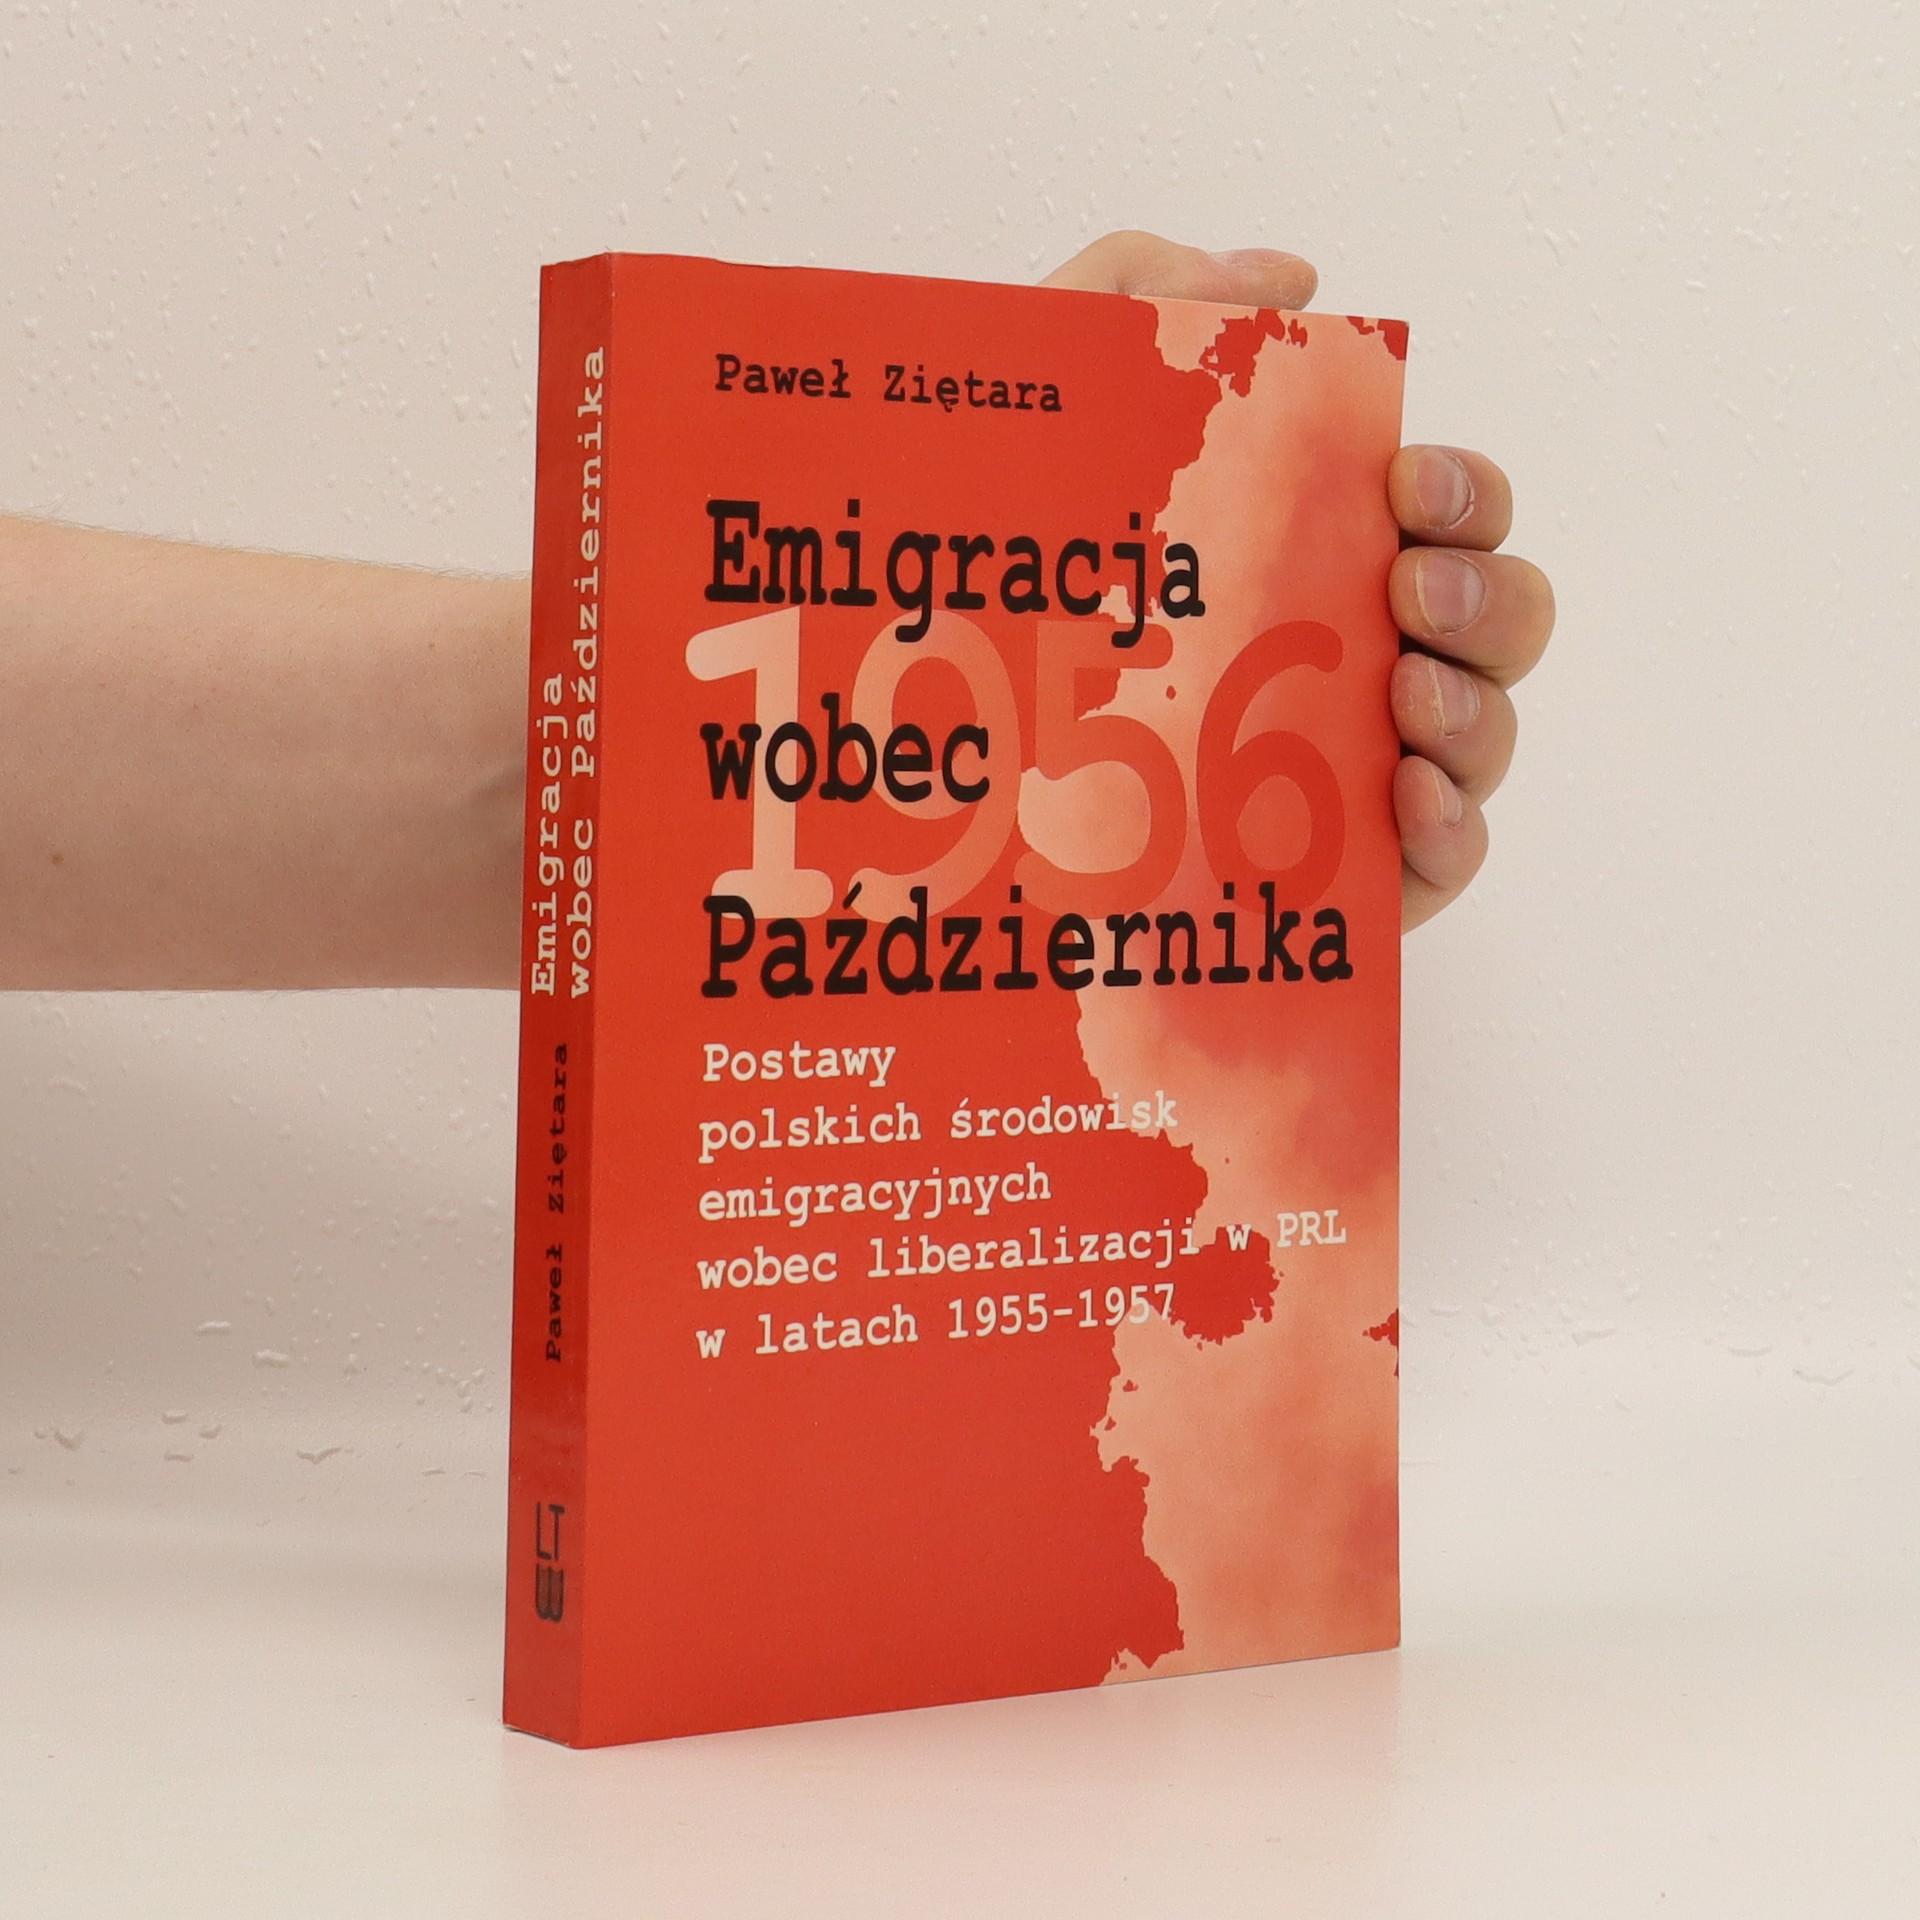 antikvární kniha Emigracja wobec Października : postawy polskich środowisk emigracyjnych wobec liberalizacji w PRL w latach 1955-1957, 2001